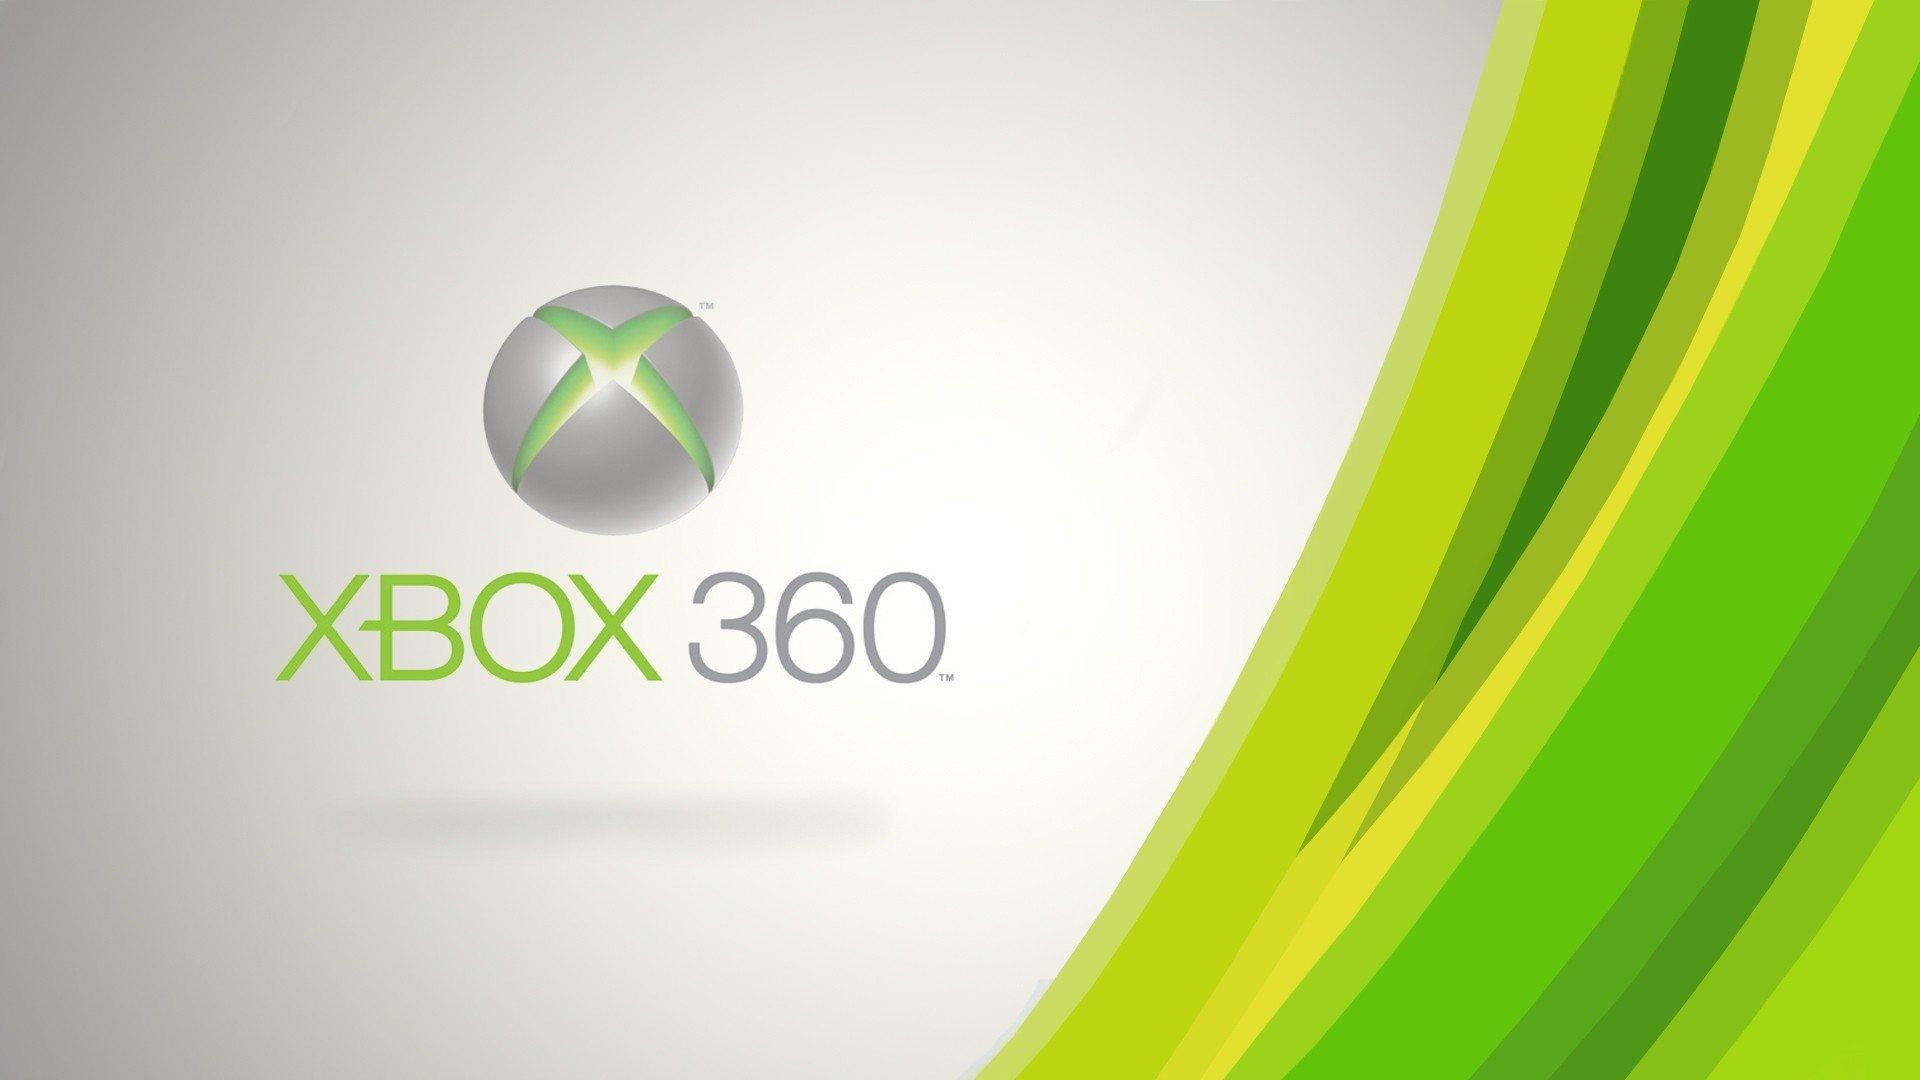 Hd Xbox 360 wallpaper 224904 1920x1080